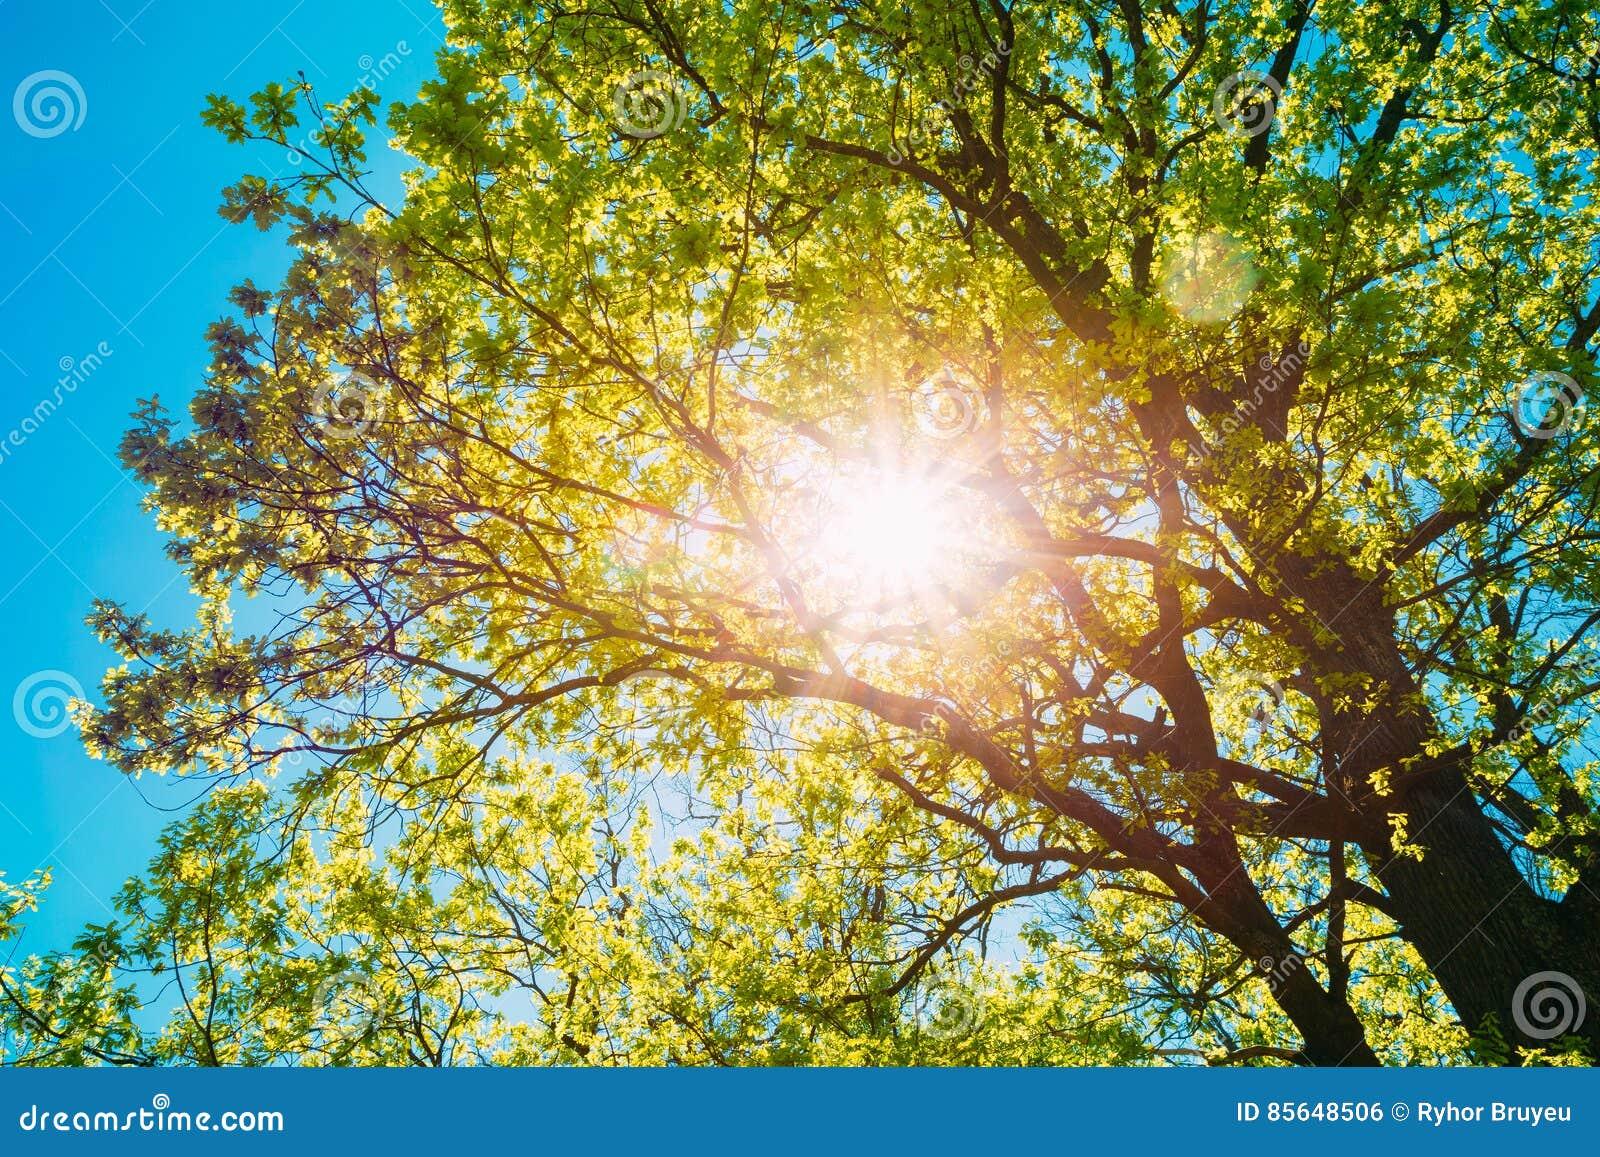 Słońca jaśnienie Przez ulistnienia Dębowego drzewa wiosny sezon decylitr